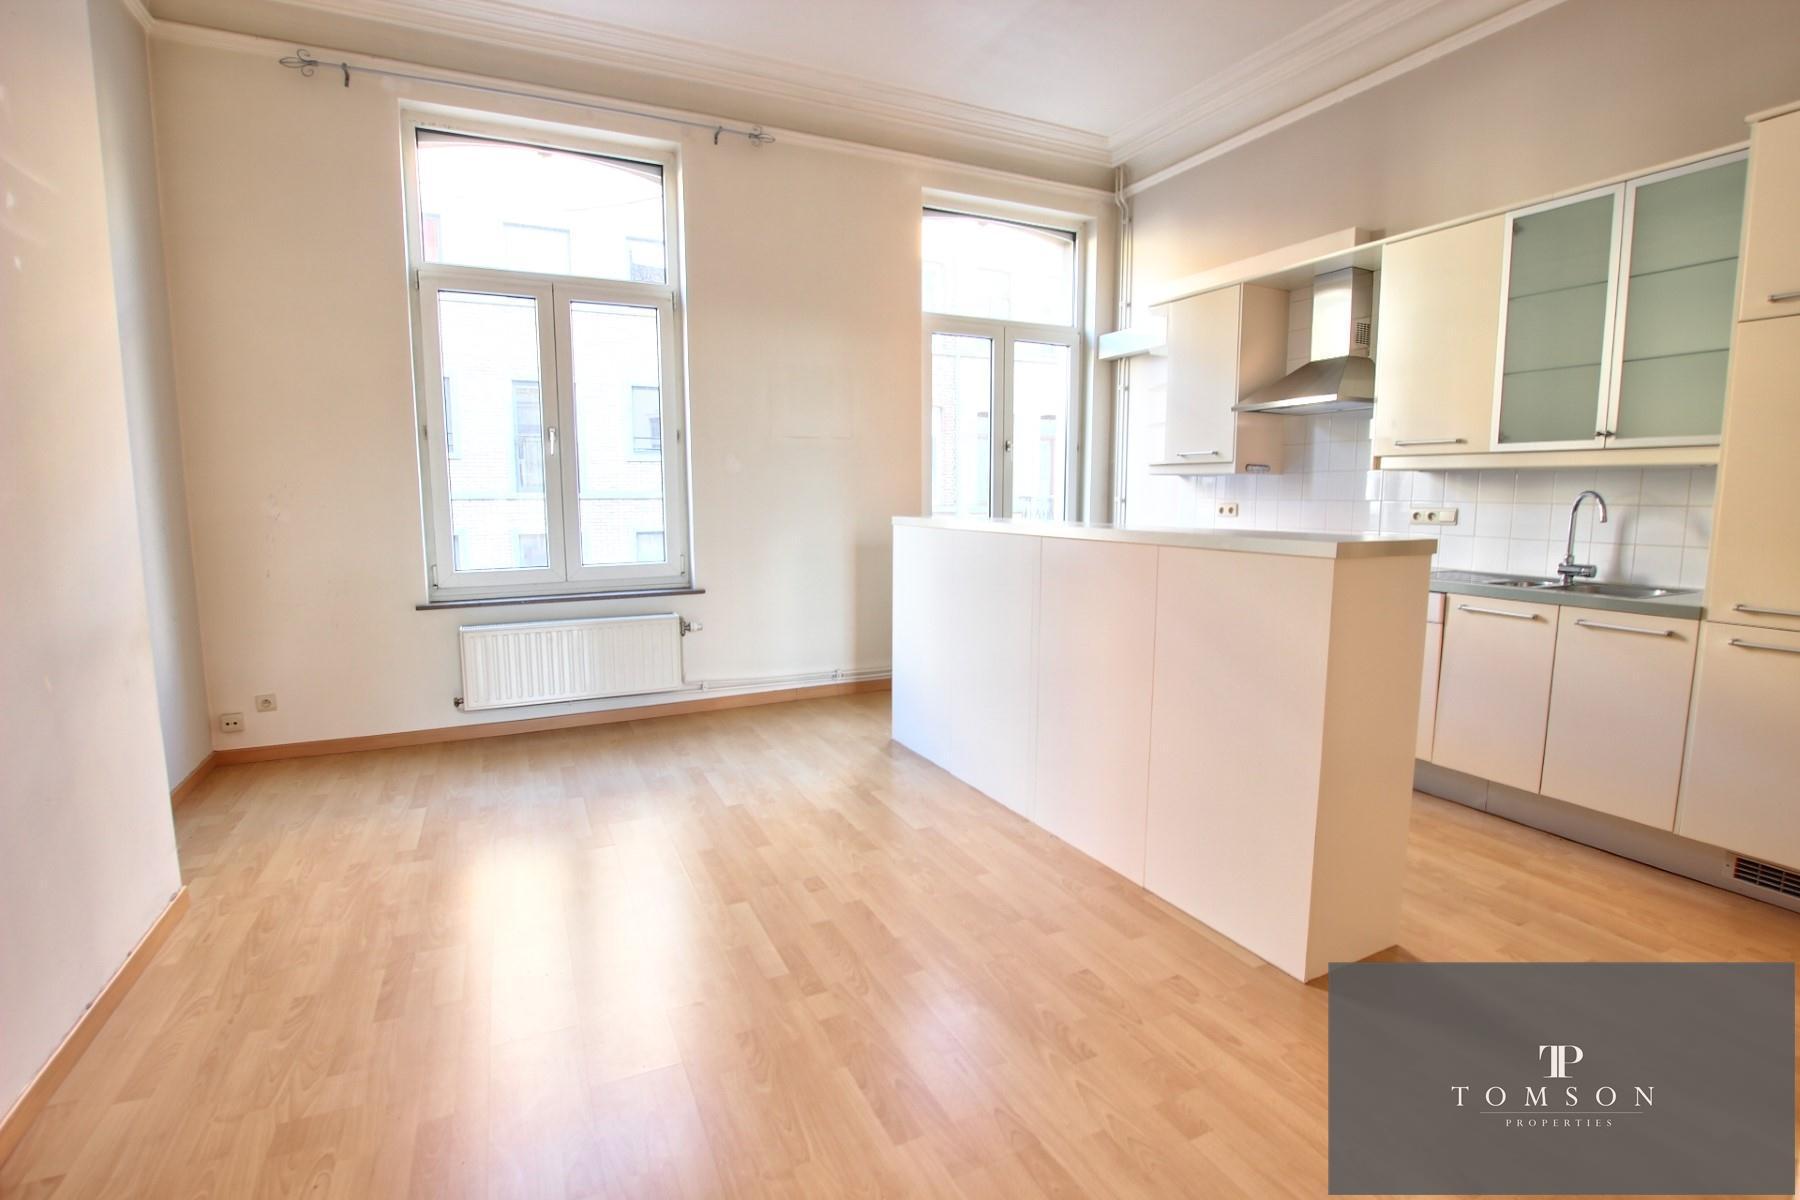 Appartement - Etterbeek - #4130587-1